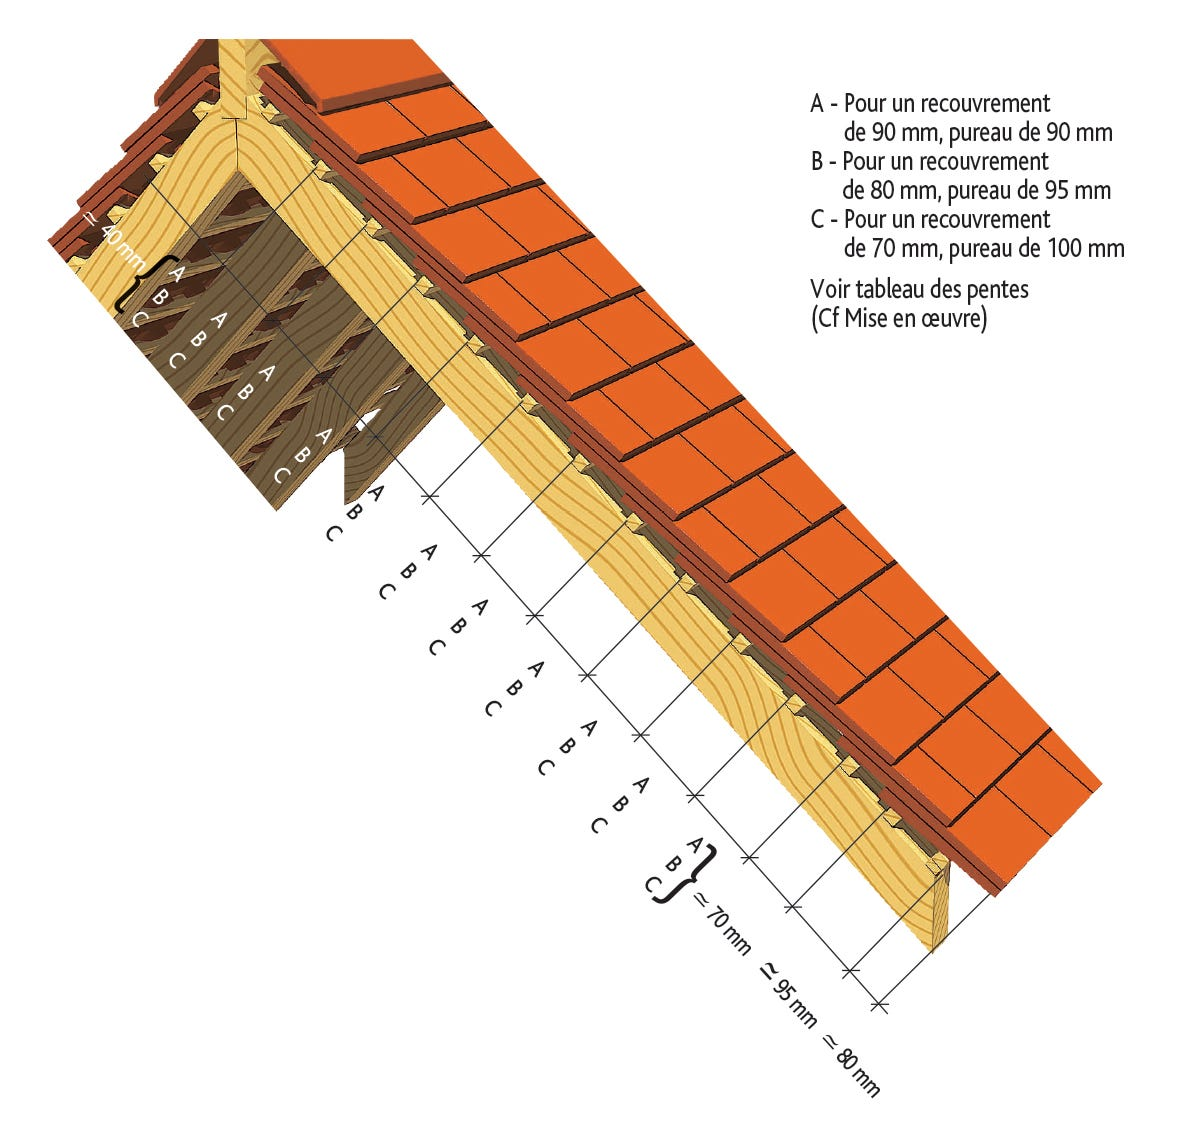 Cotations pour la pose de la tuile PLATE 17X27 Doyet d'EDILIANS